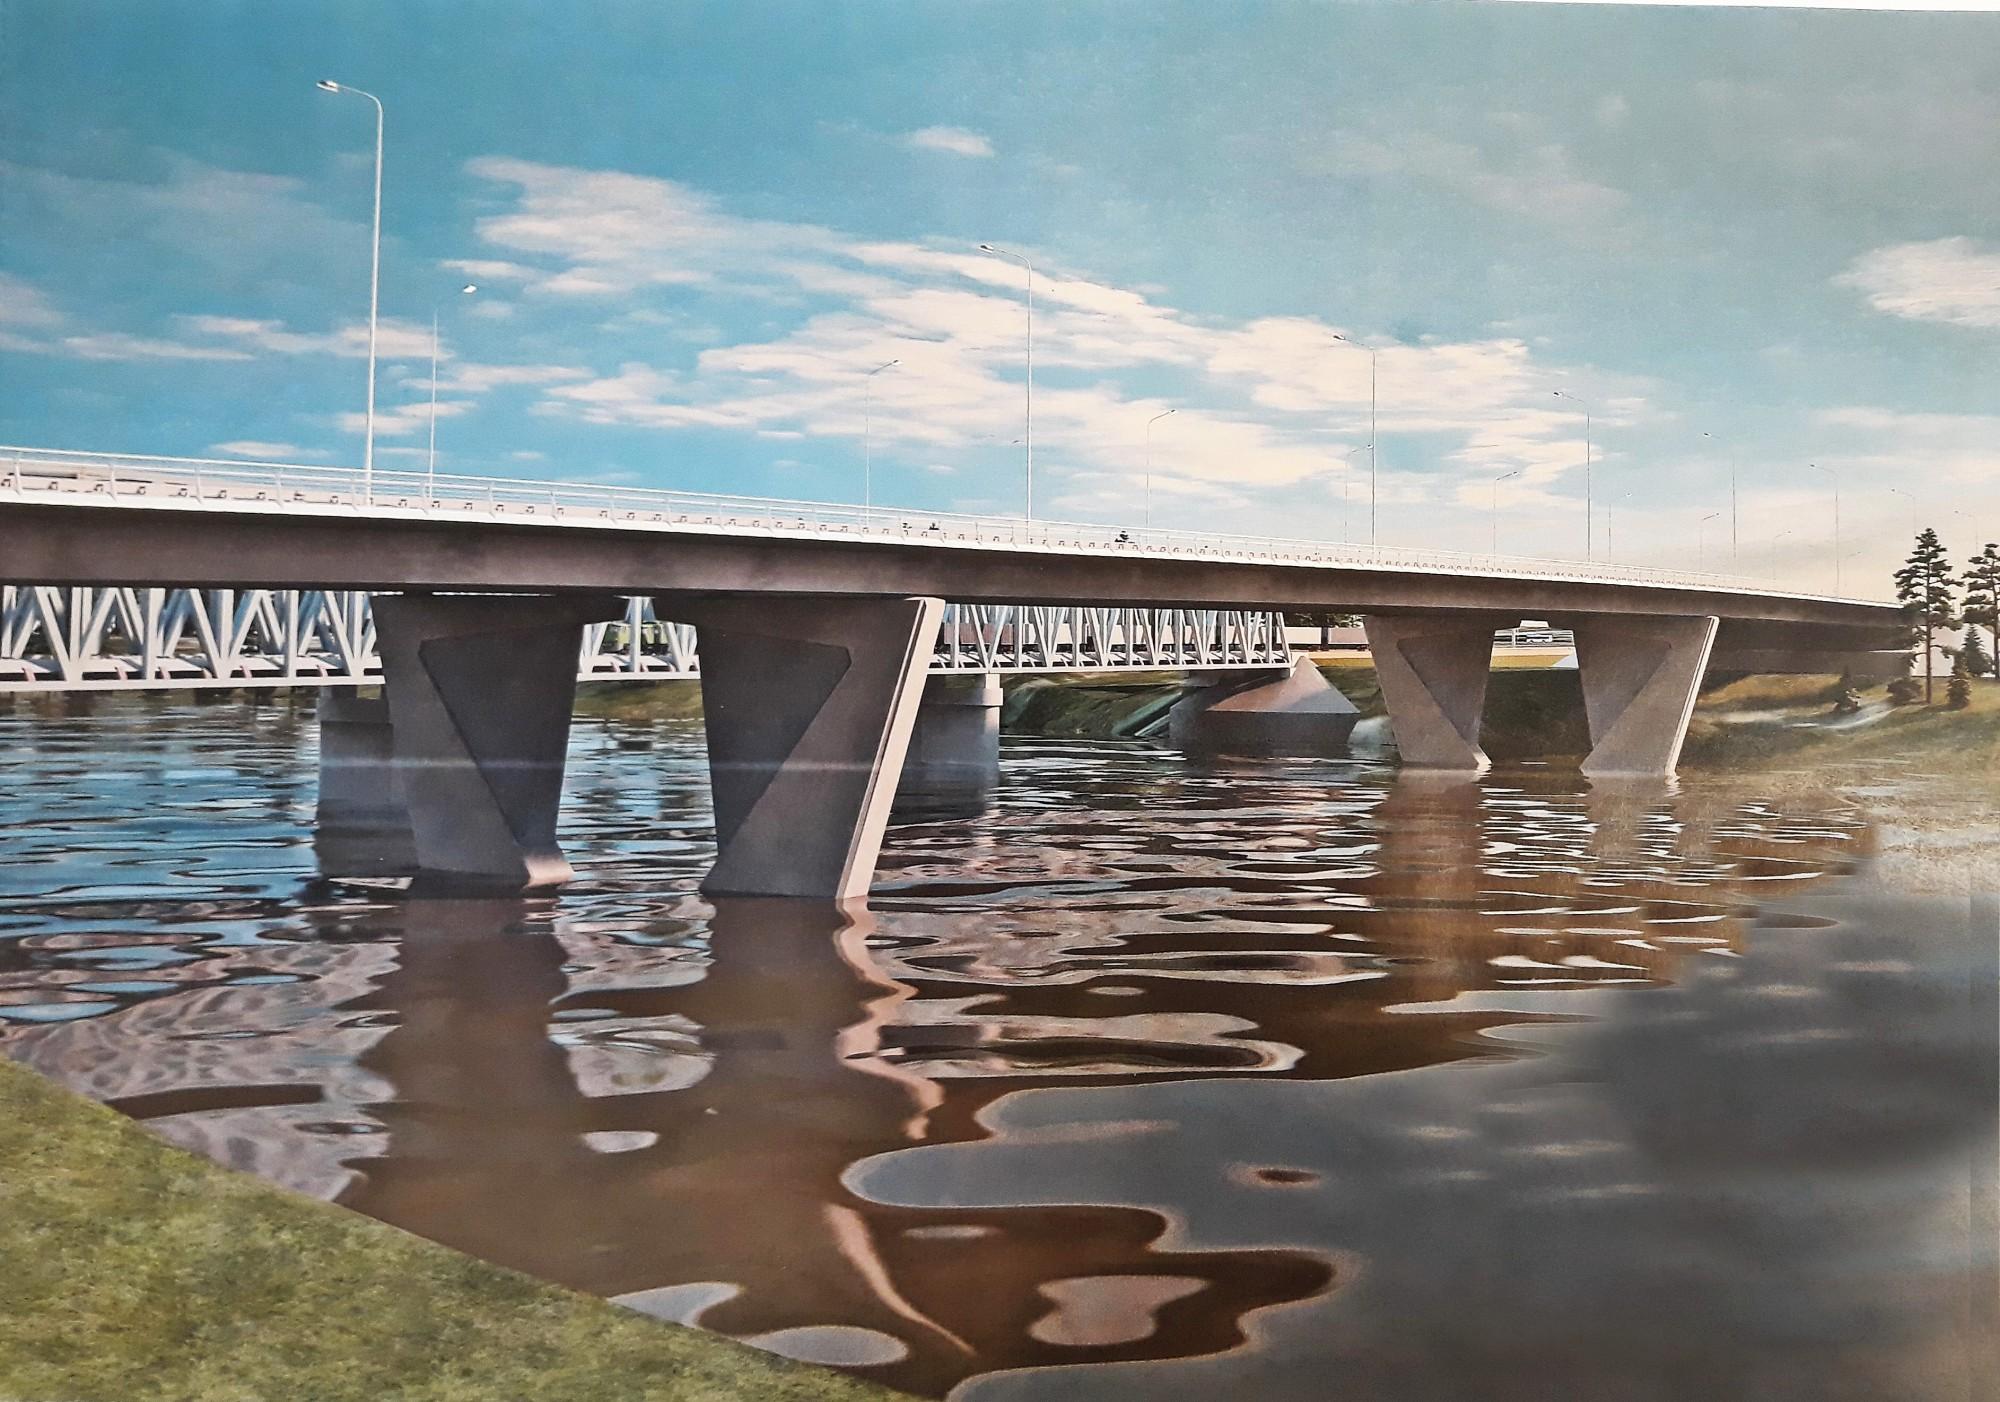 Виталий Иванов: Западный мост сэкономит километры пути